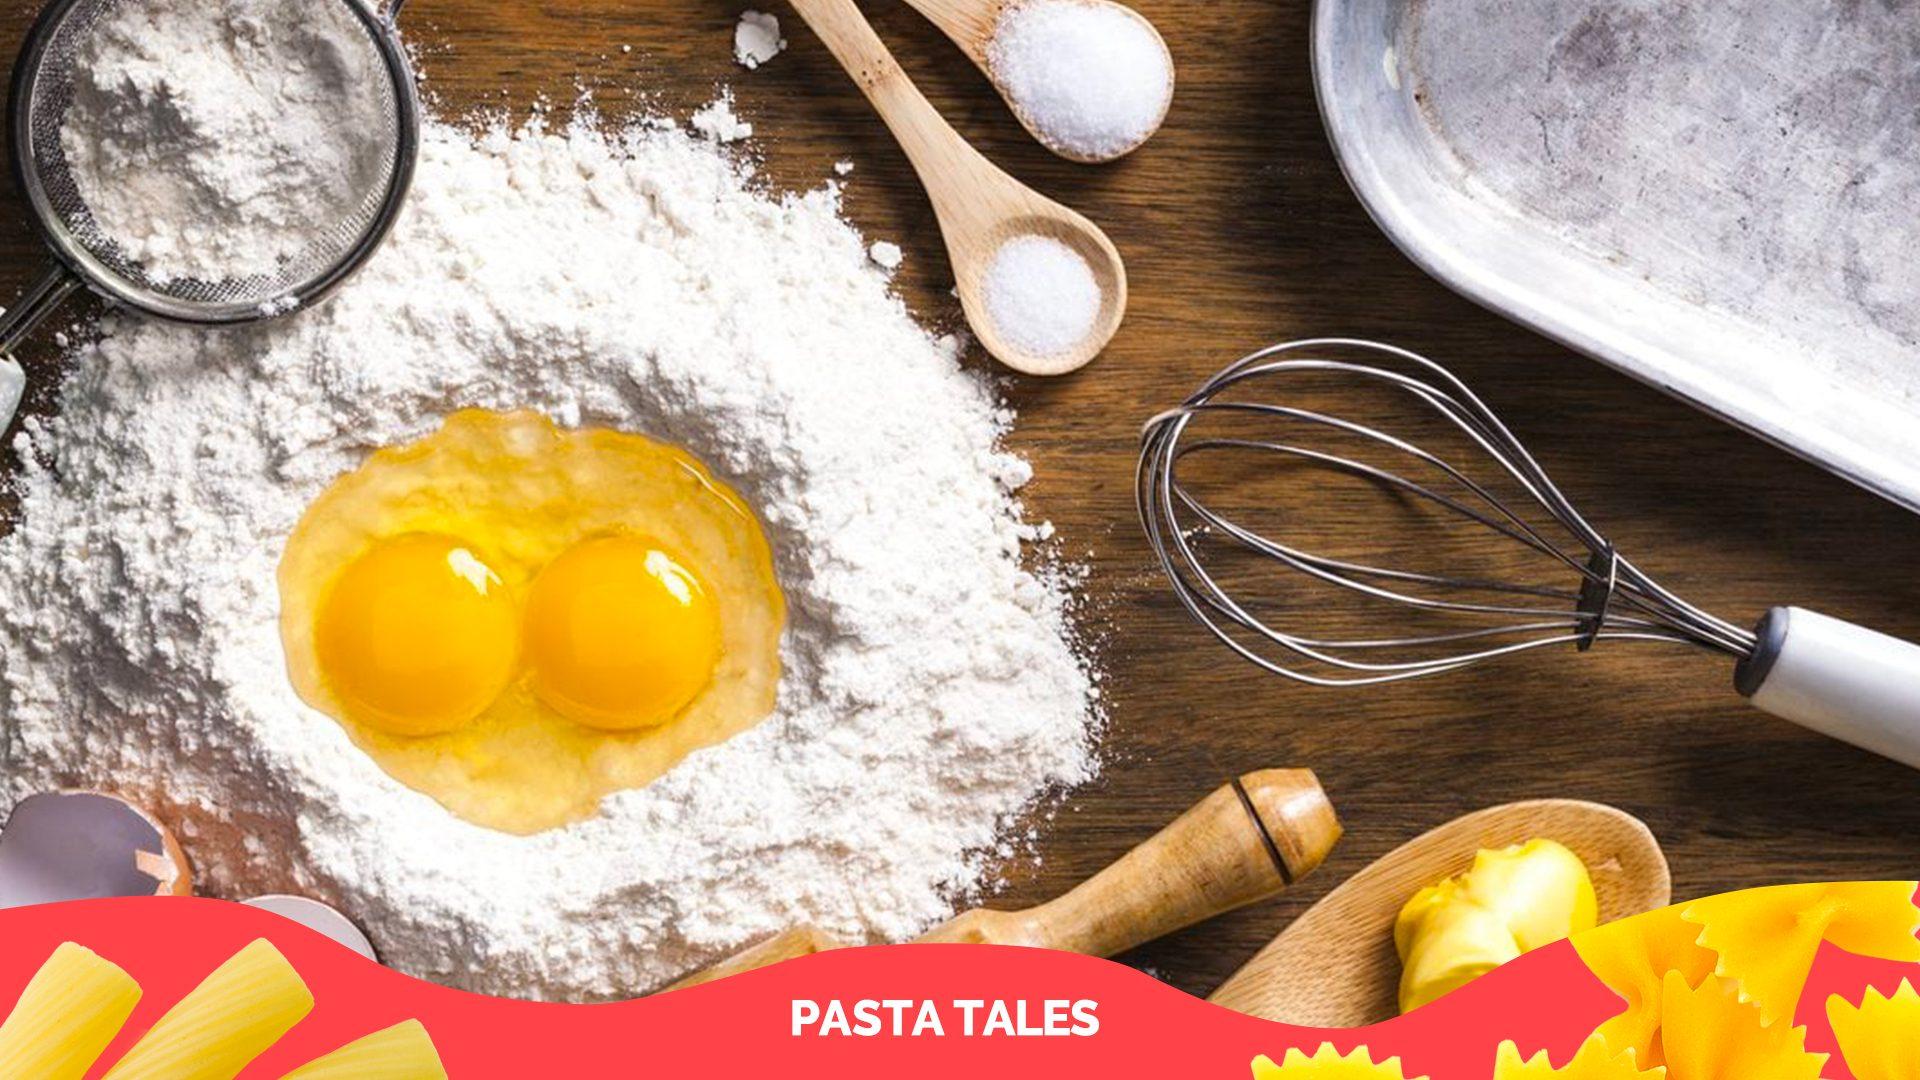 Pasta fresca: la guida completa con tutti i consigli per farla in casa a regola d'arte